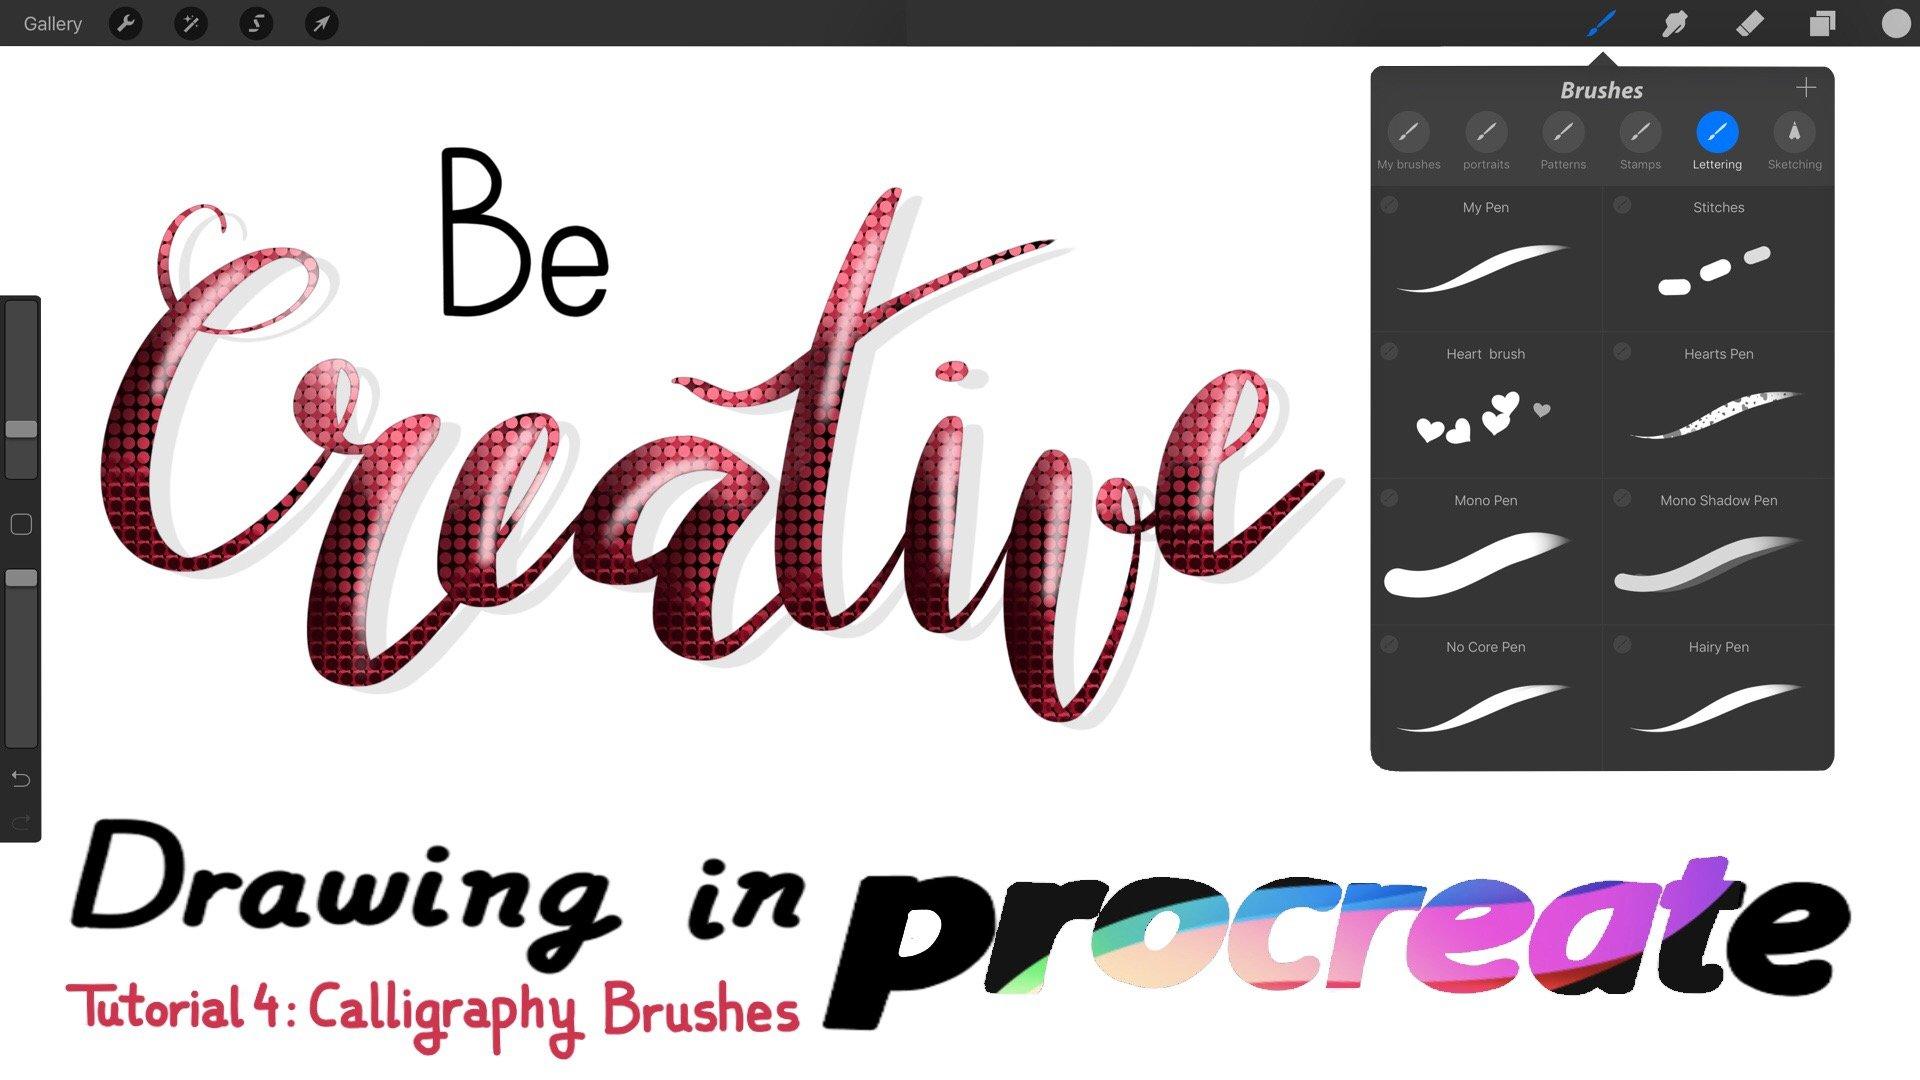 Calligraphy Brushes 30 Procreate Brushes Mono Brushes Lettering Brushes Highlight Brushes Textured Brushes. Procreate App